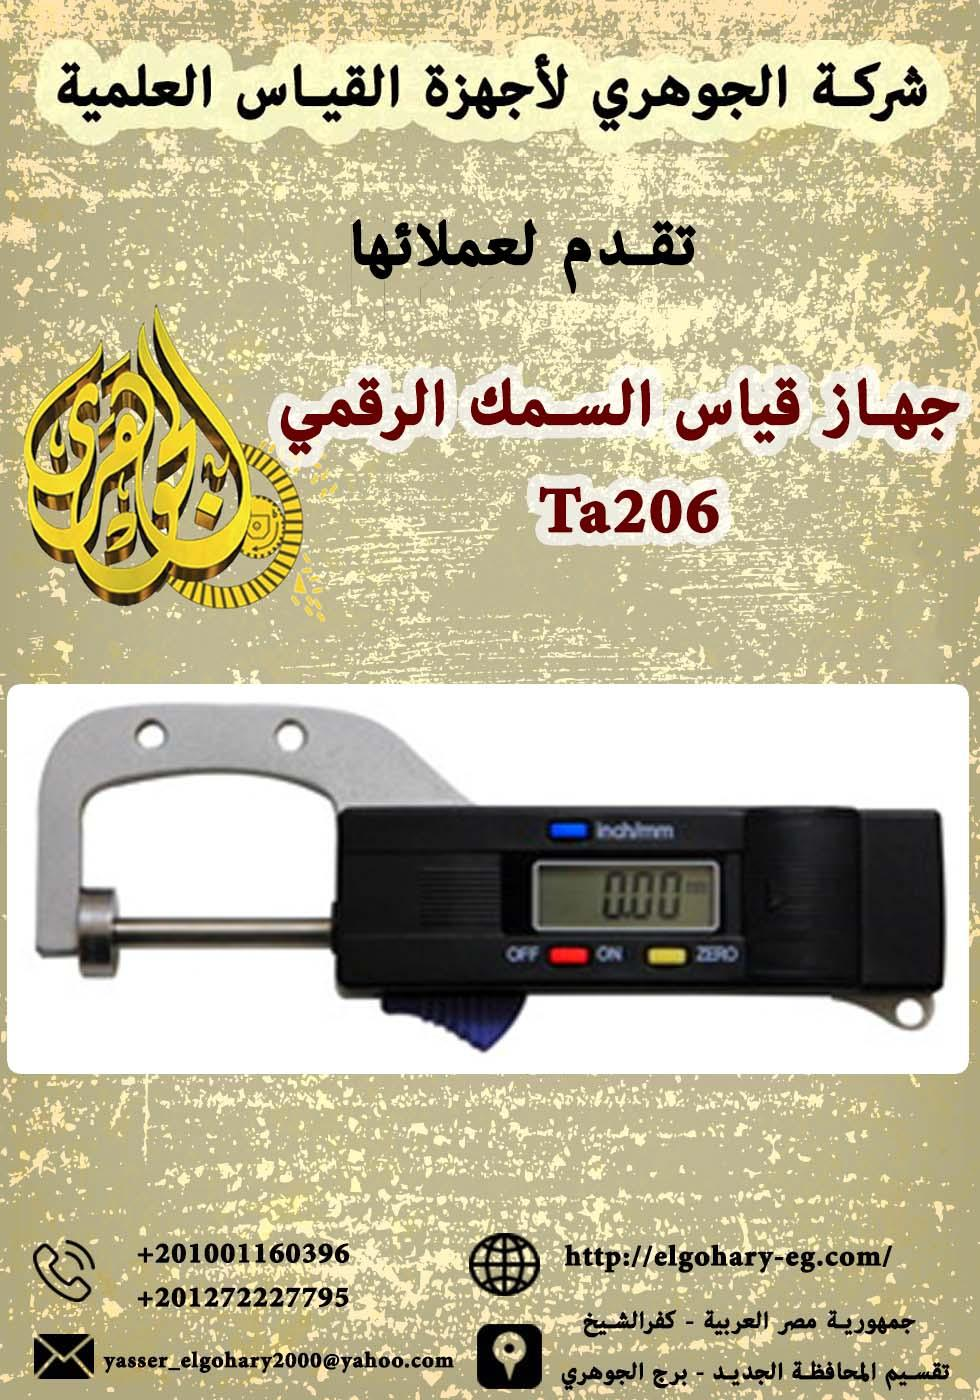 جهاز قياس السمك الرقمي 905825502.jpg